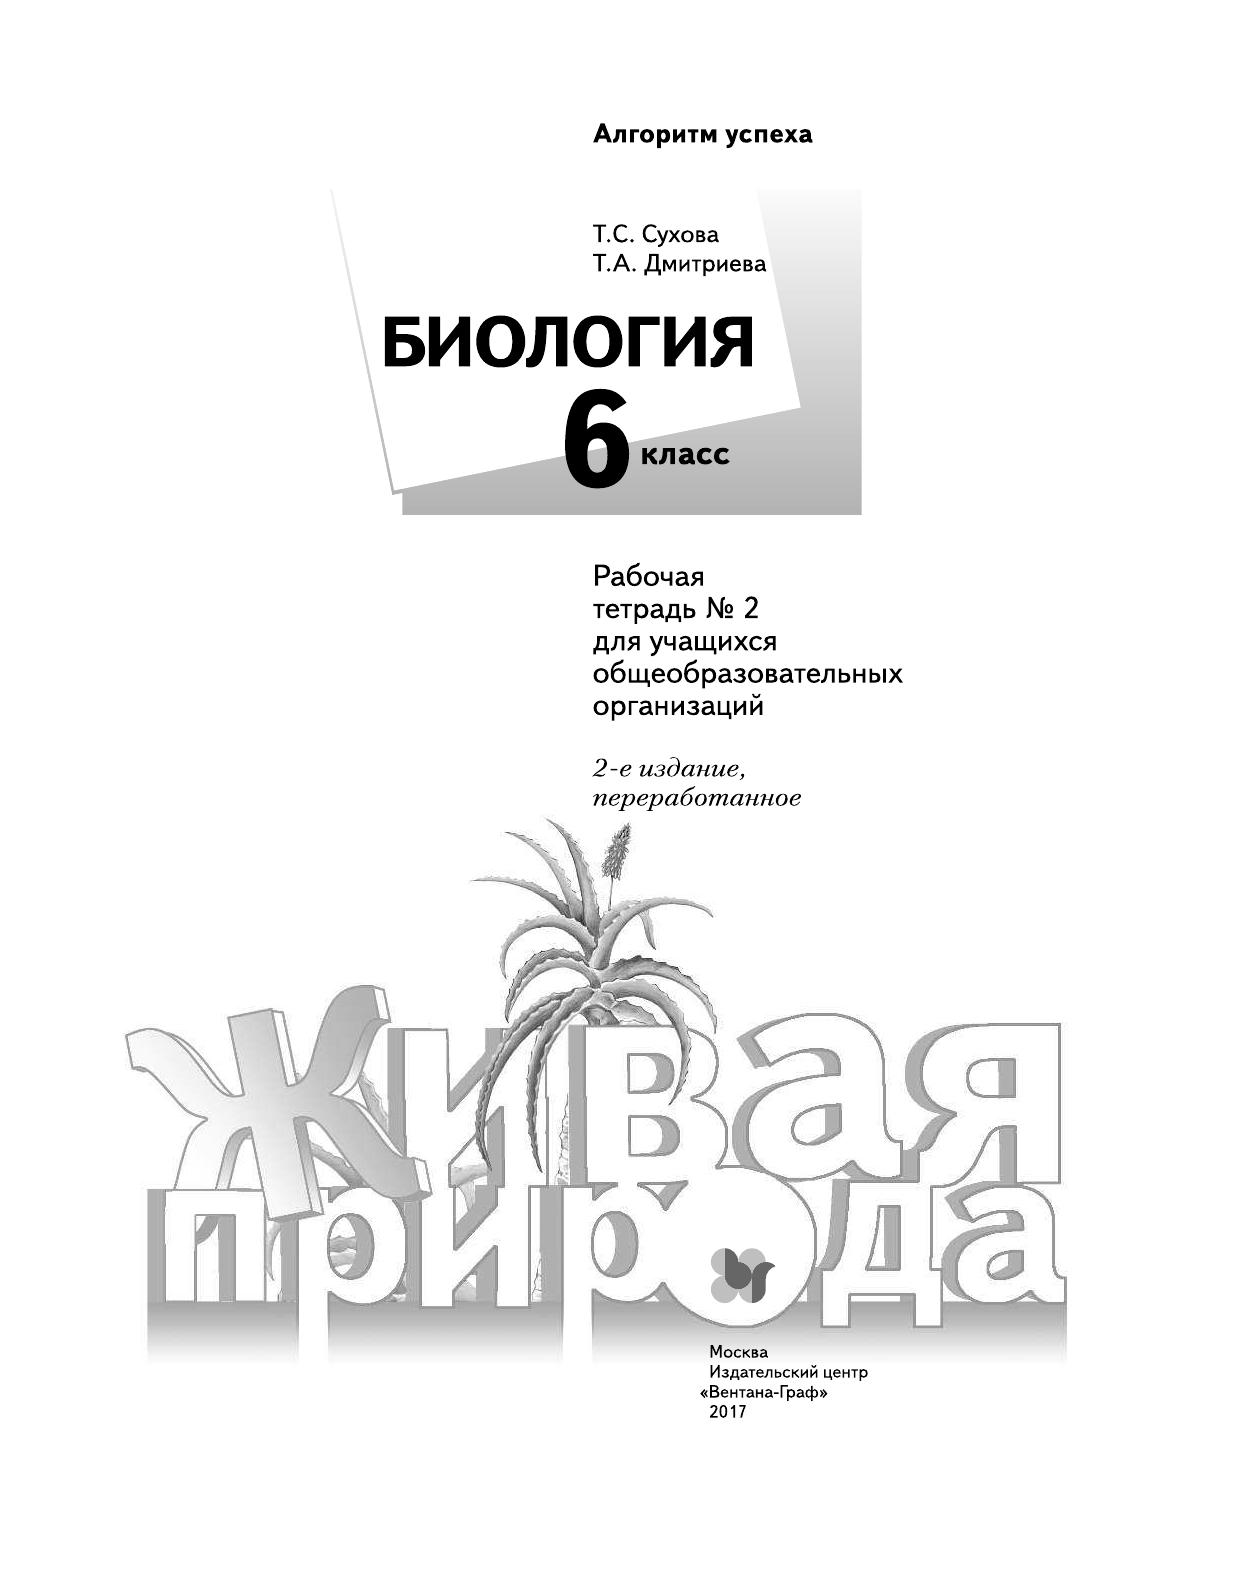 гдз 6 класс биология рабочая тетрадь сухова дмитриева 2 часть